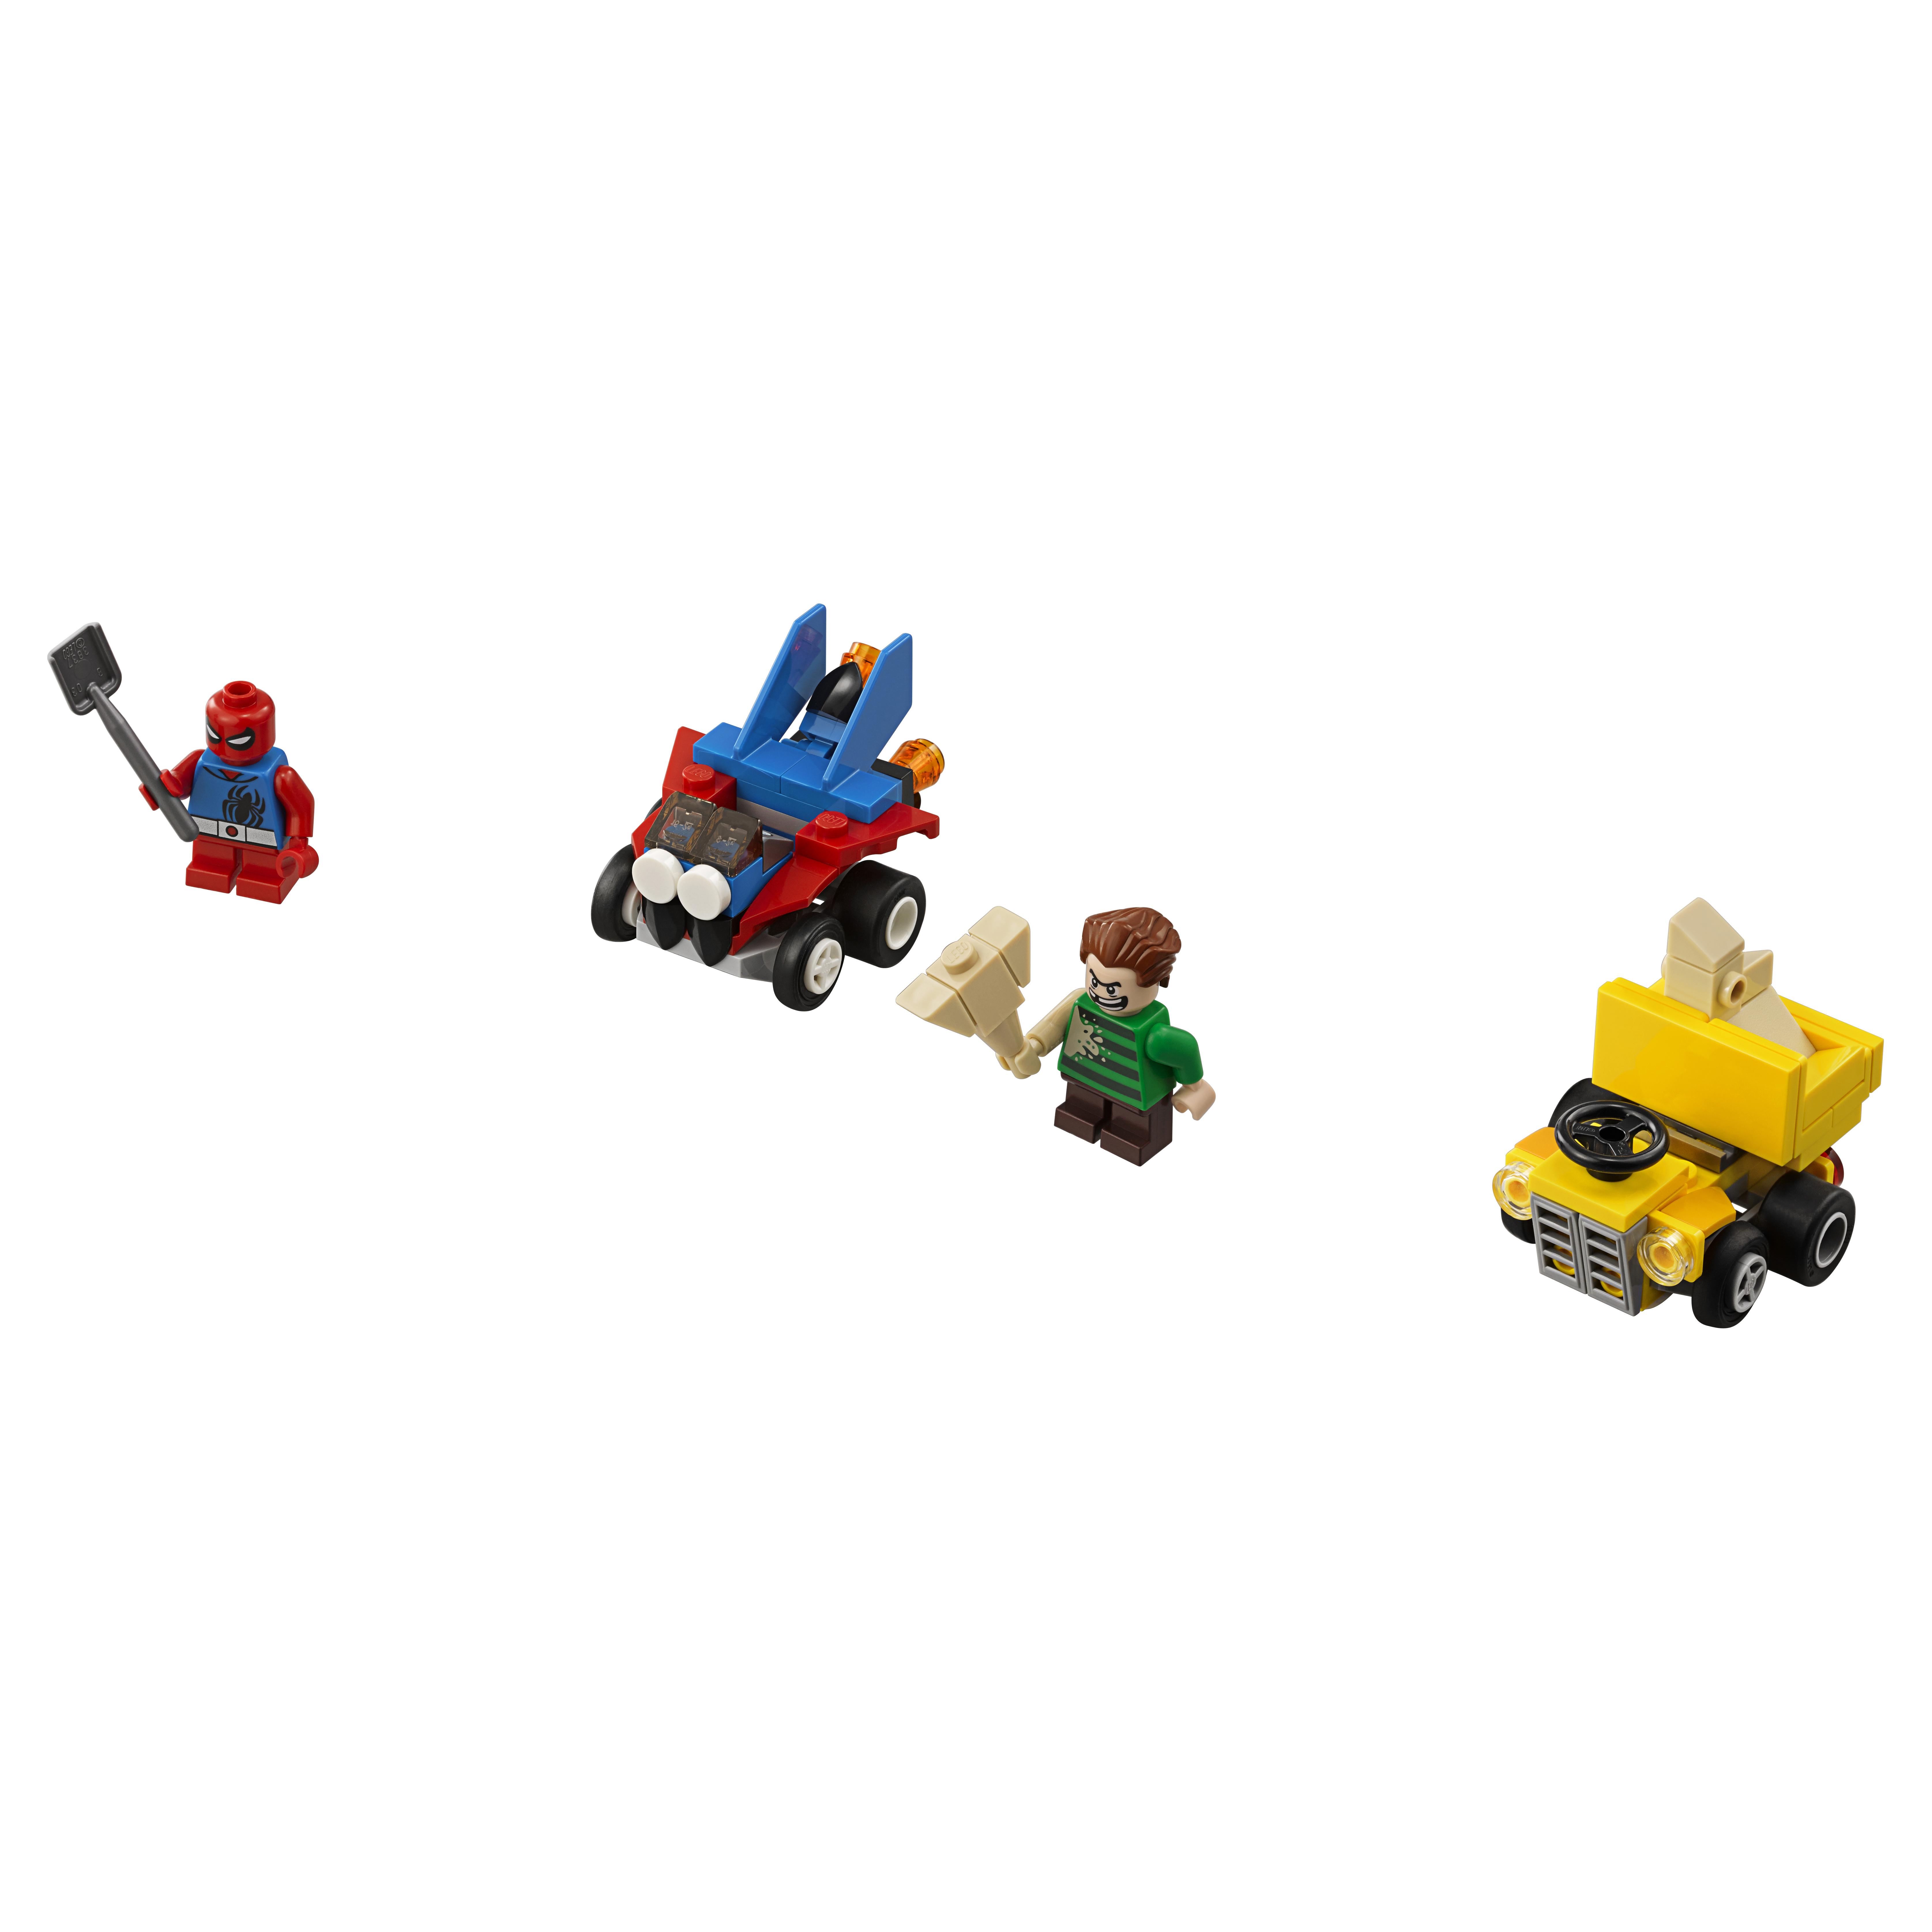 Купить Конструктор lego super heroes mighty micros человек-паук против песочного человека (76089), Конструктор LEGO Super Heroes Mighty Micros Человек-паук против Песочного человека (76089)